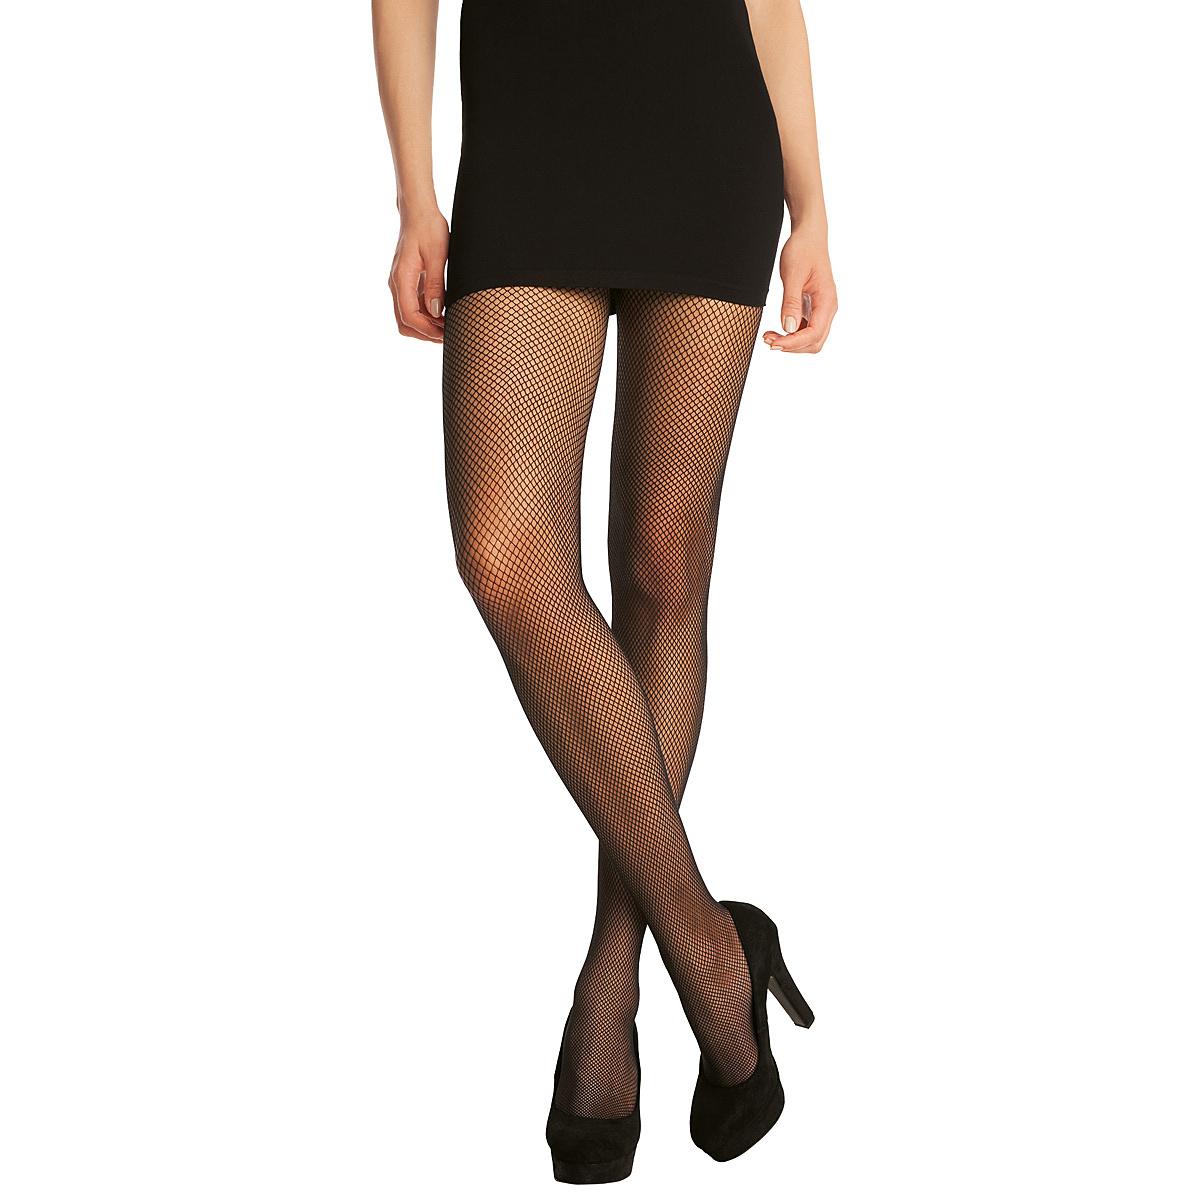 Collant noir Résille 73D Madame so Fashion